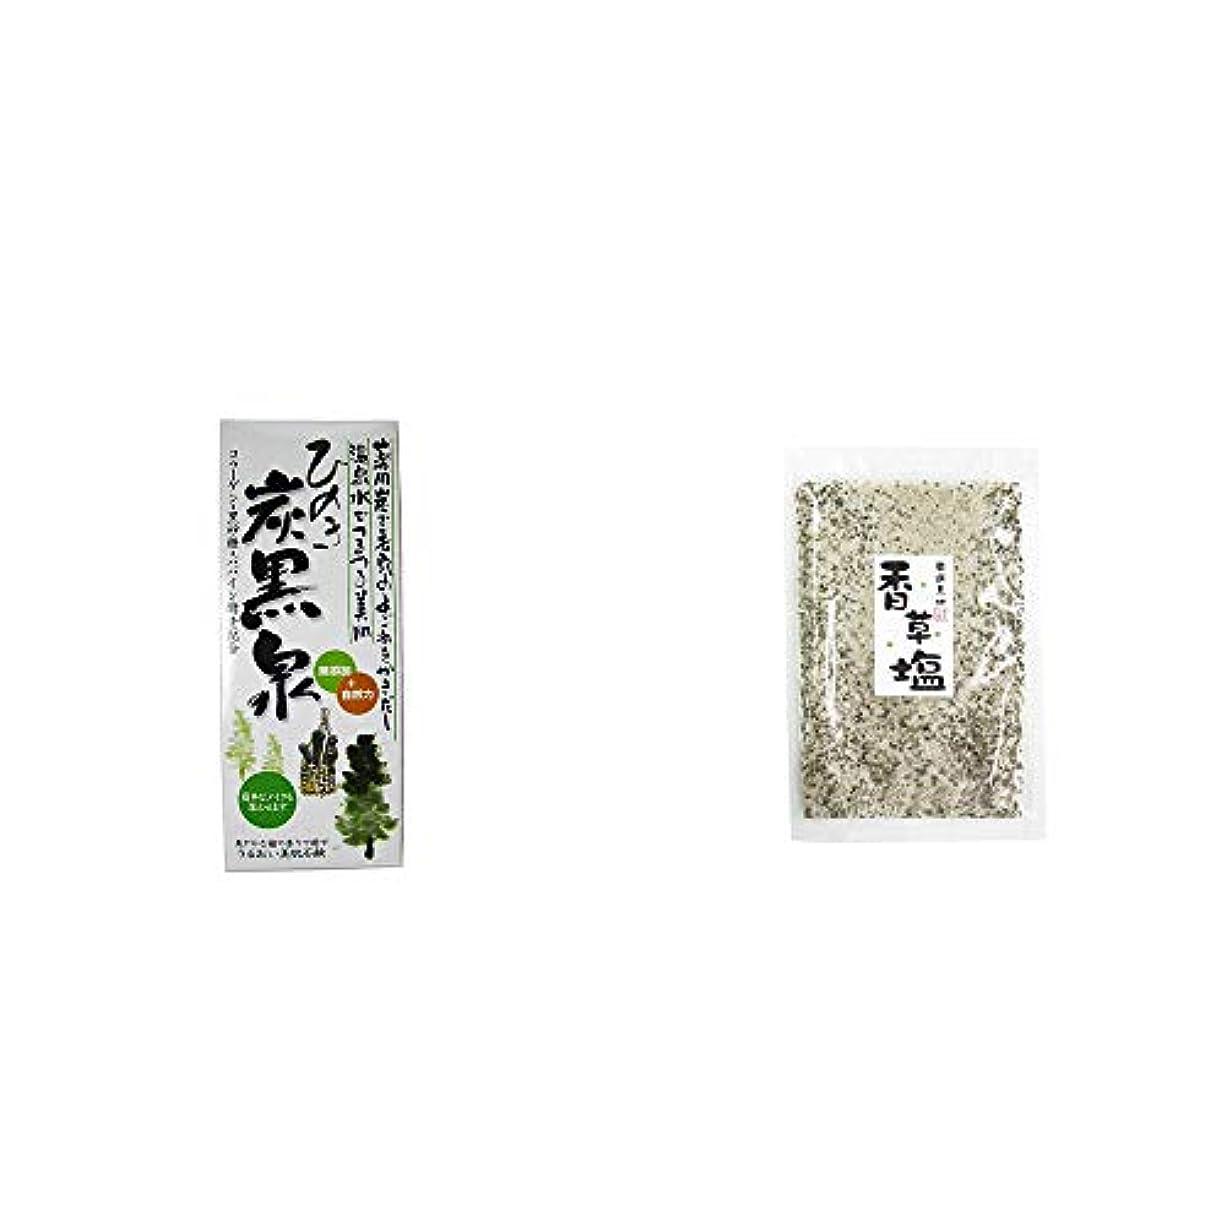 パット石炭インシュレータ[2点セット] ひのき炭黒泉 箱入り(75g×3)?香草塩 [袋タイプ](100g)